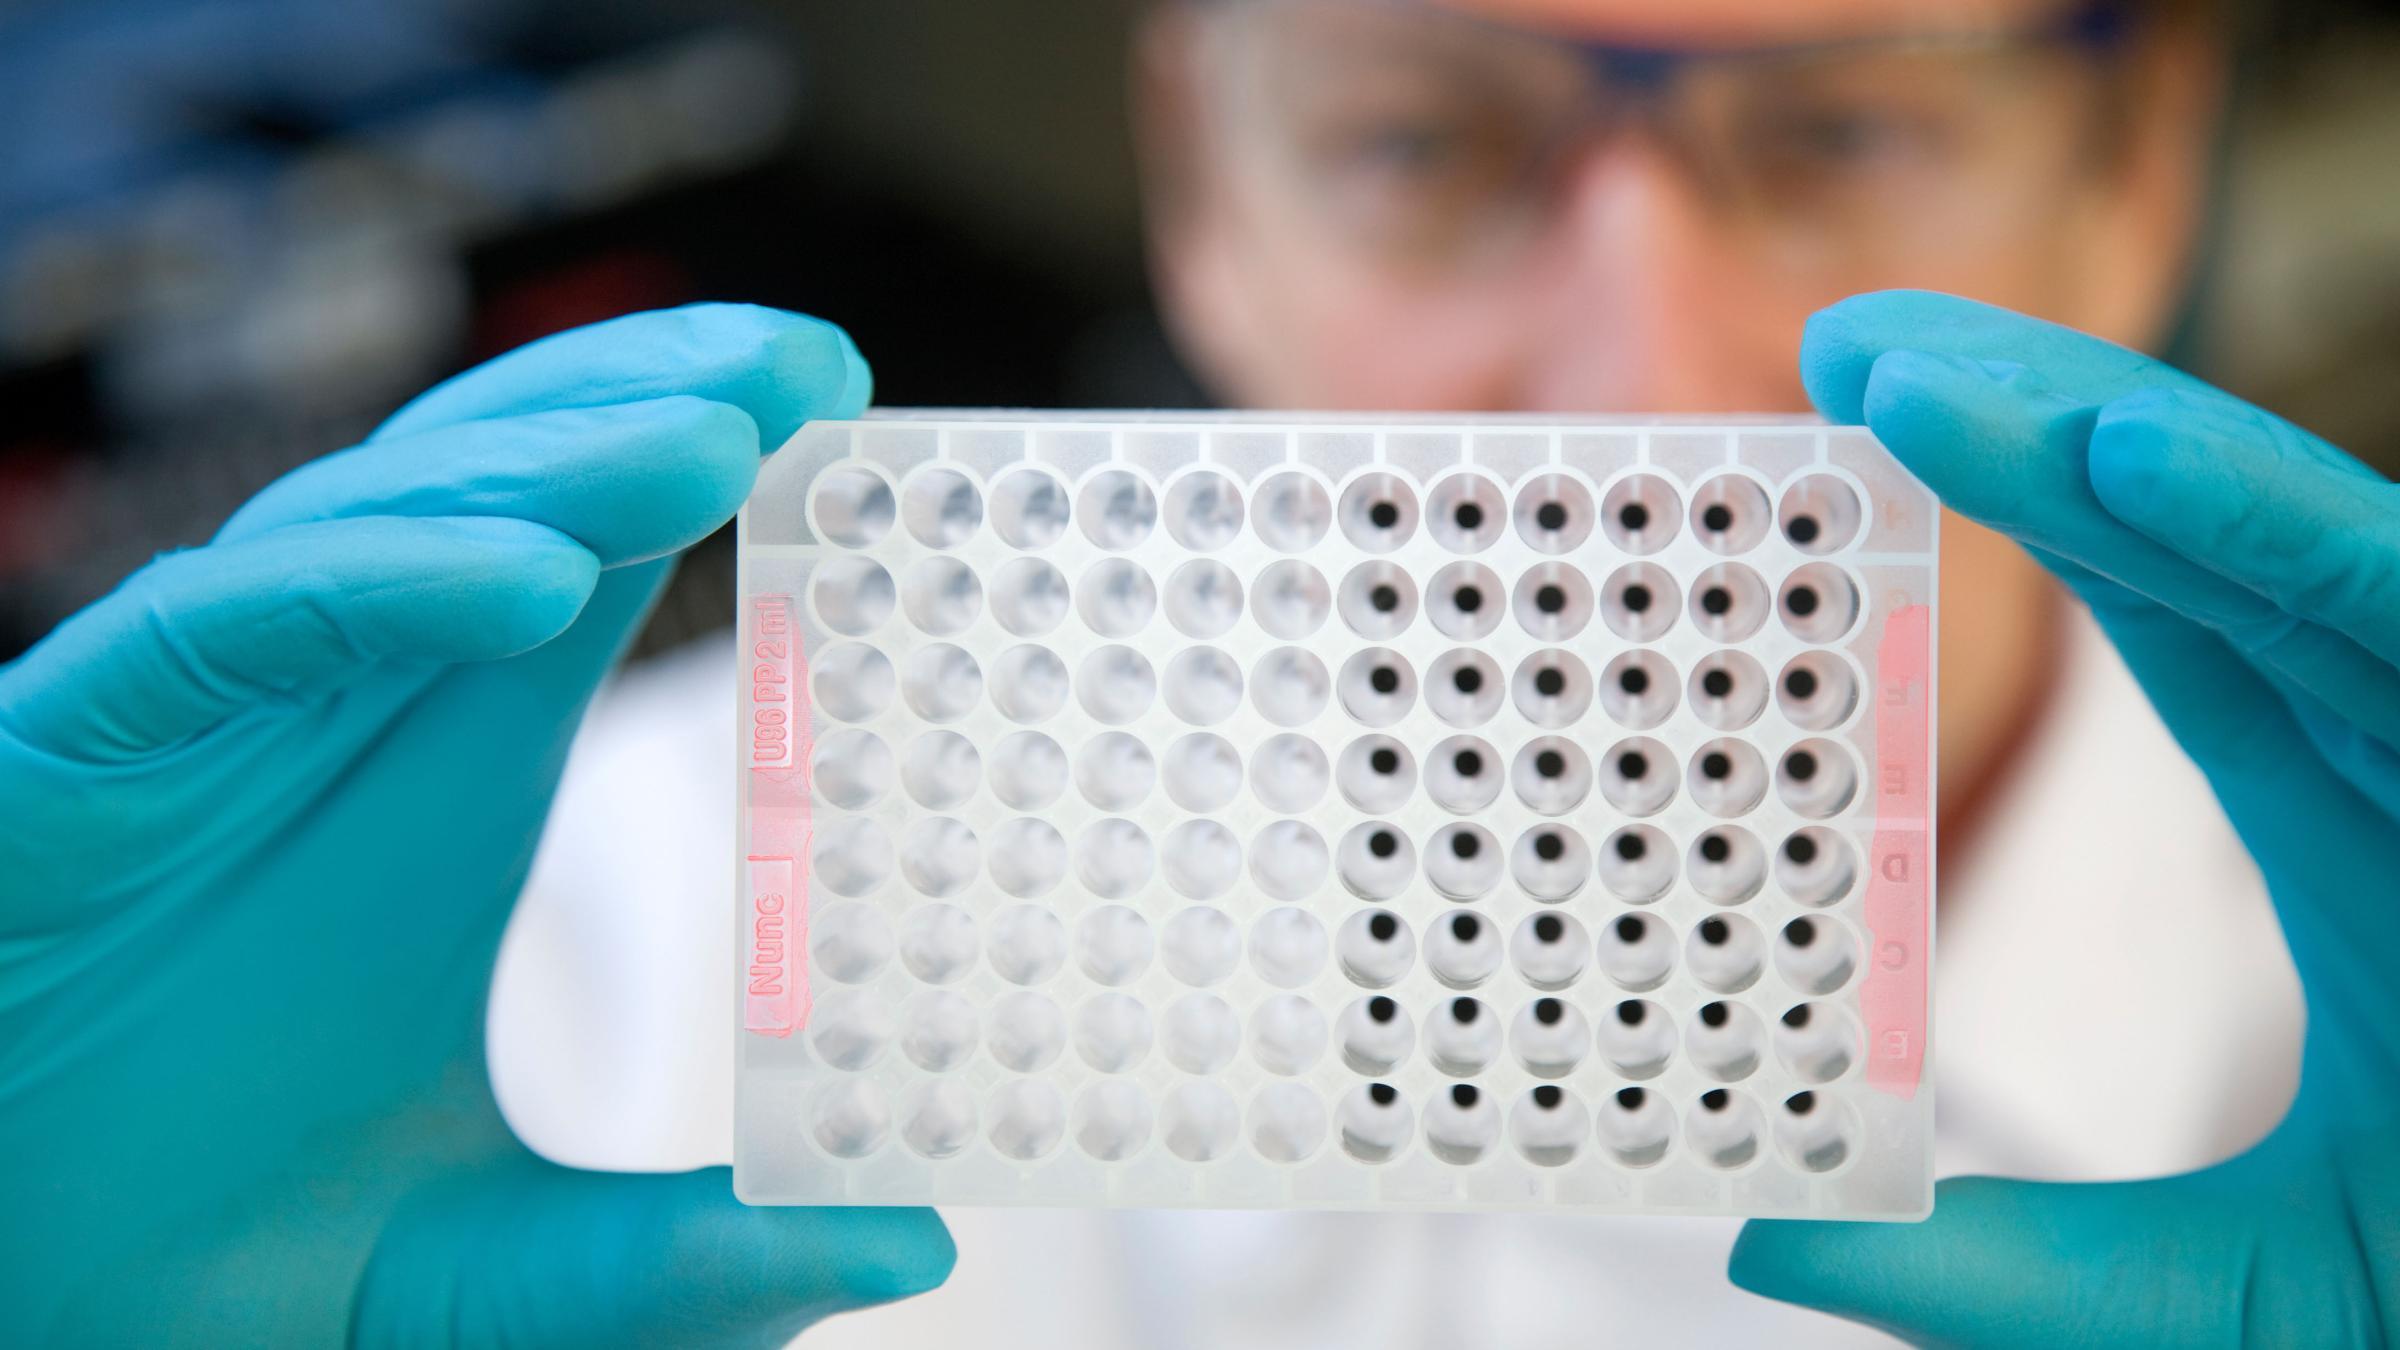 Особенности молекулярной рыбалки, или Как ищут лекарства от рака